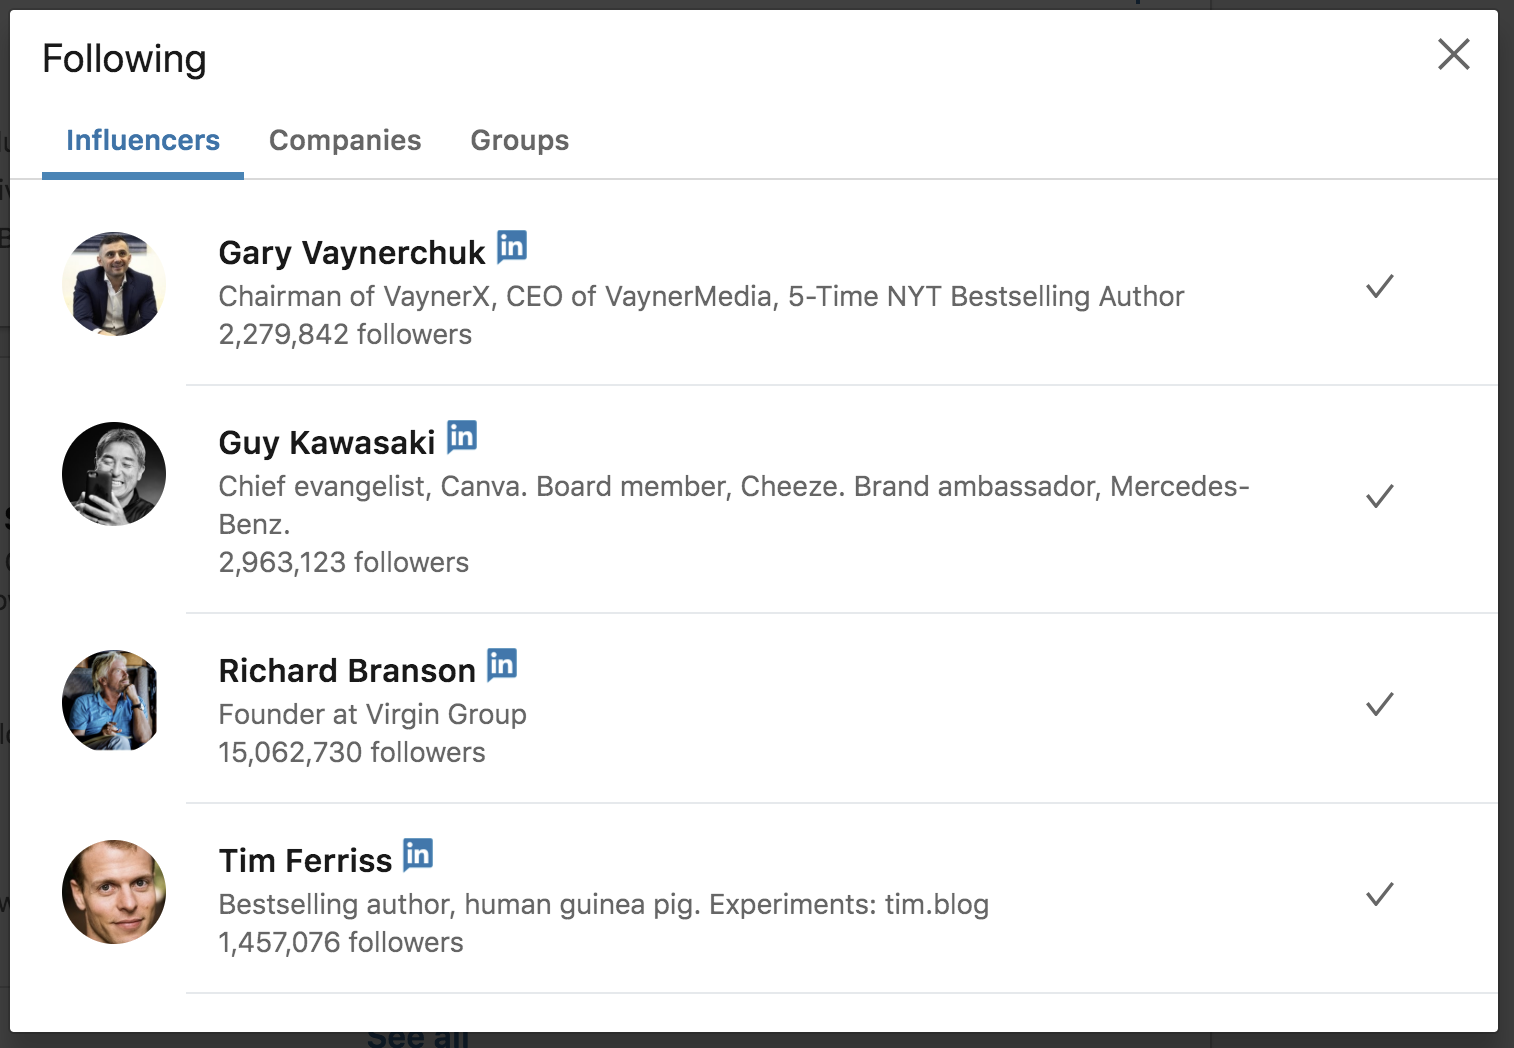 LinkedIn sales influencers